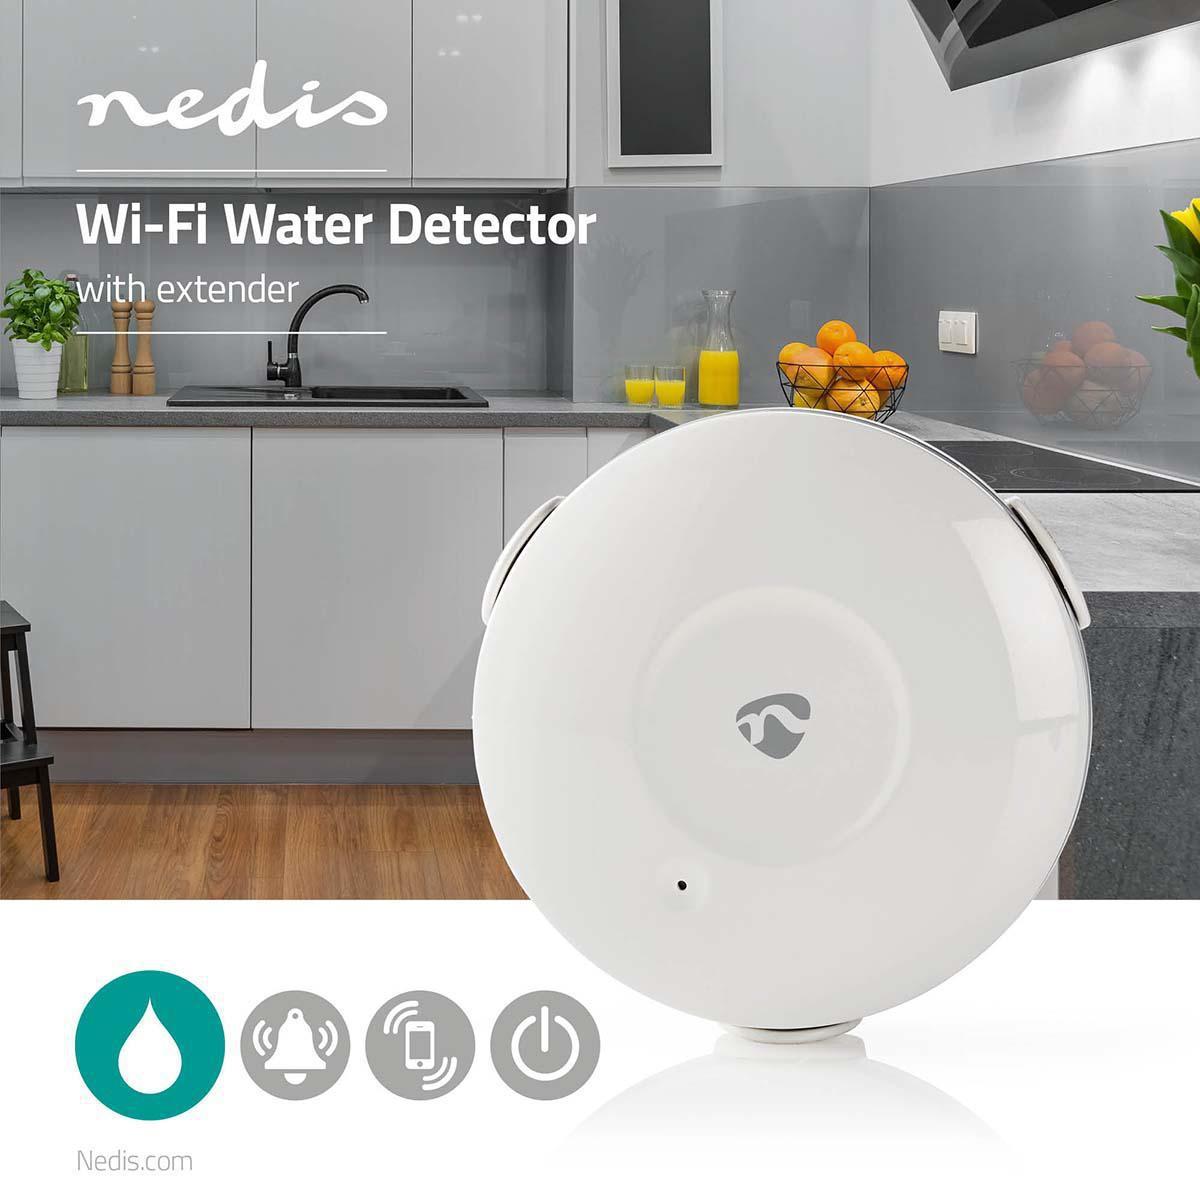 Nedis SmartLIFE Water Detector